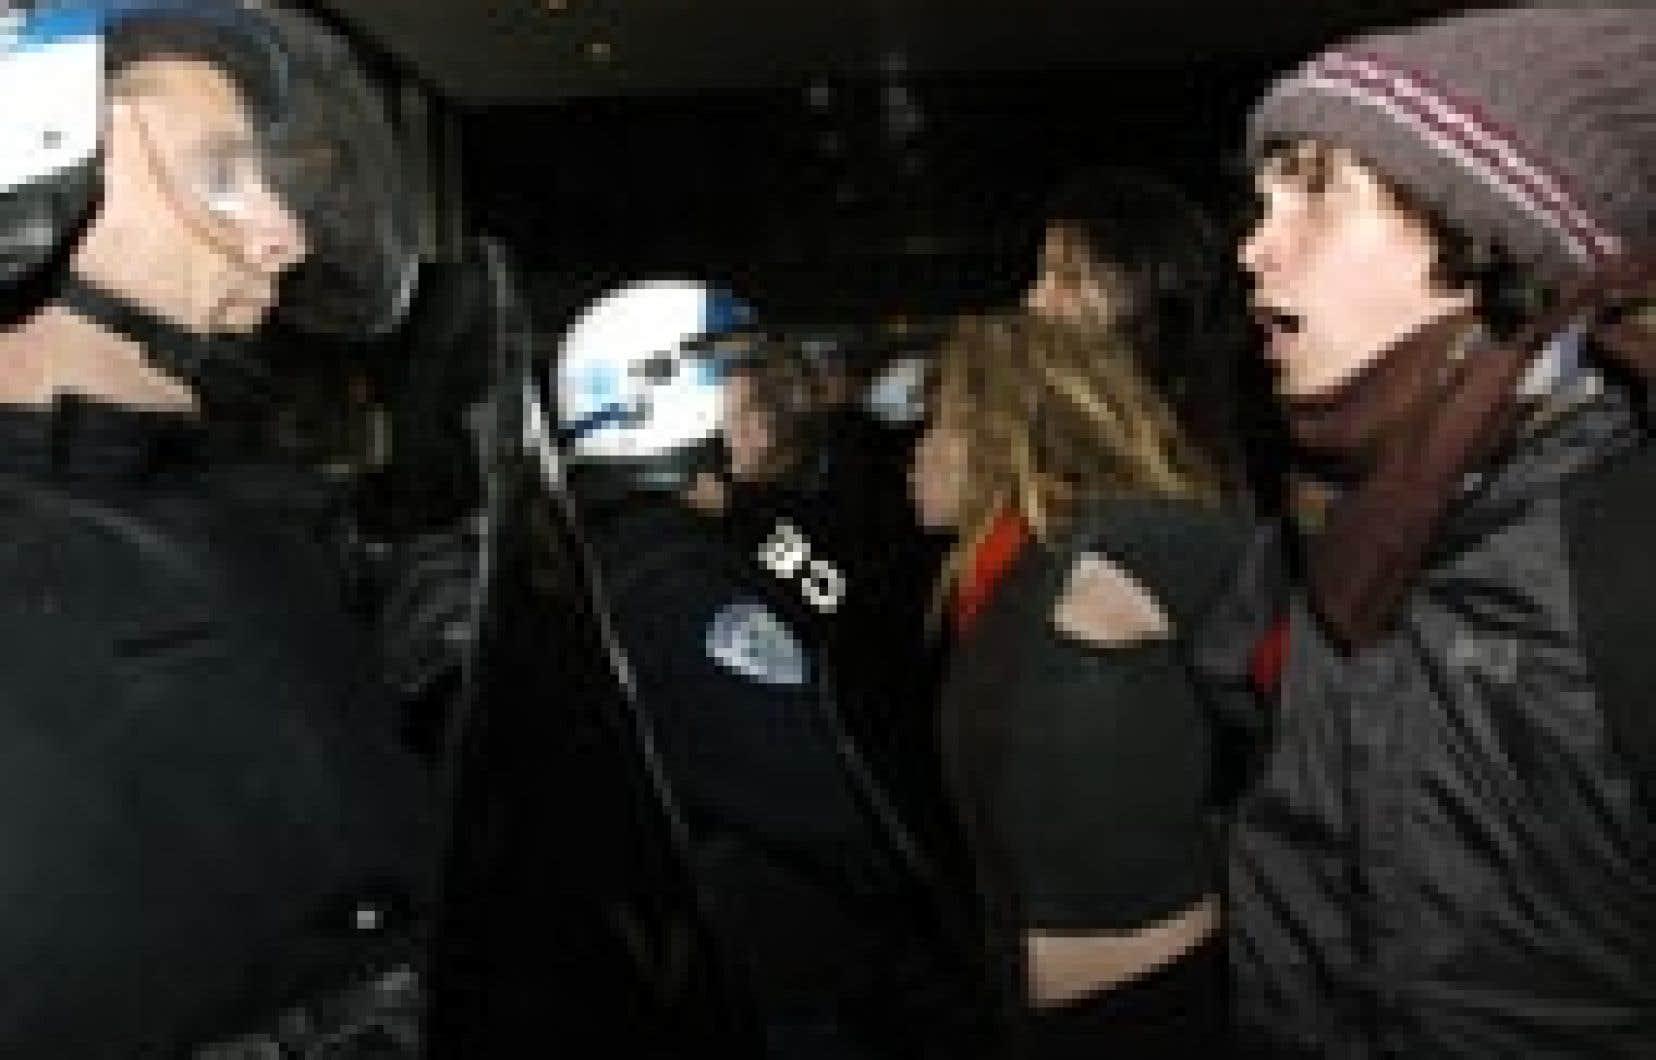 Une centaine d'étudiants de la CASSEE ont perturbé les activités de la Bourse de Montréal, ce qui a nécessité de nouveau une intervention policière.